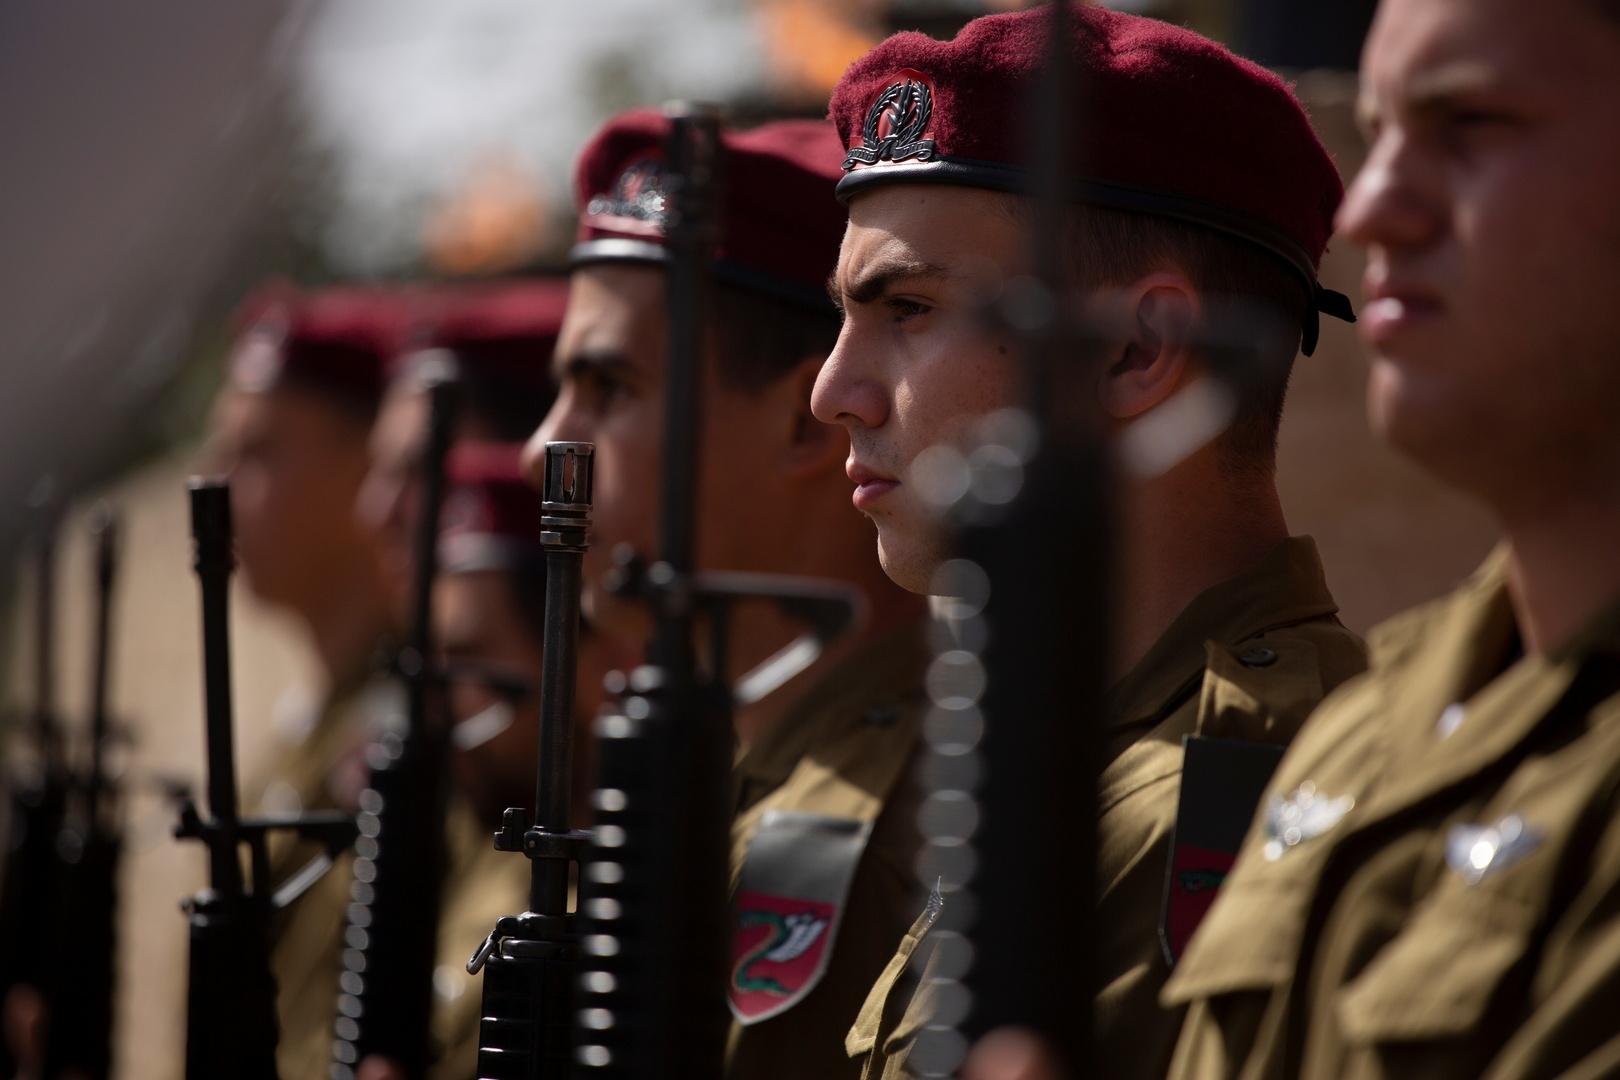 عناصر من الجيش الإسرائيلي، أرشيف